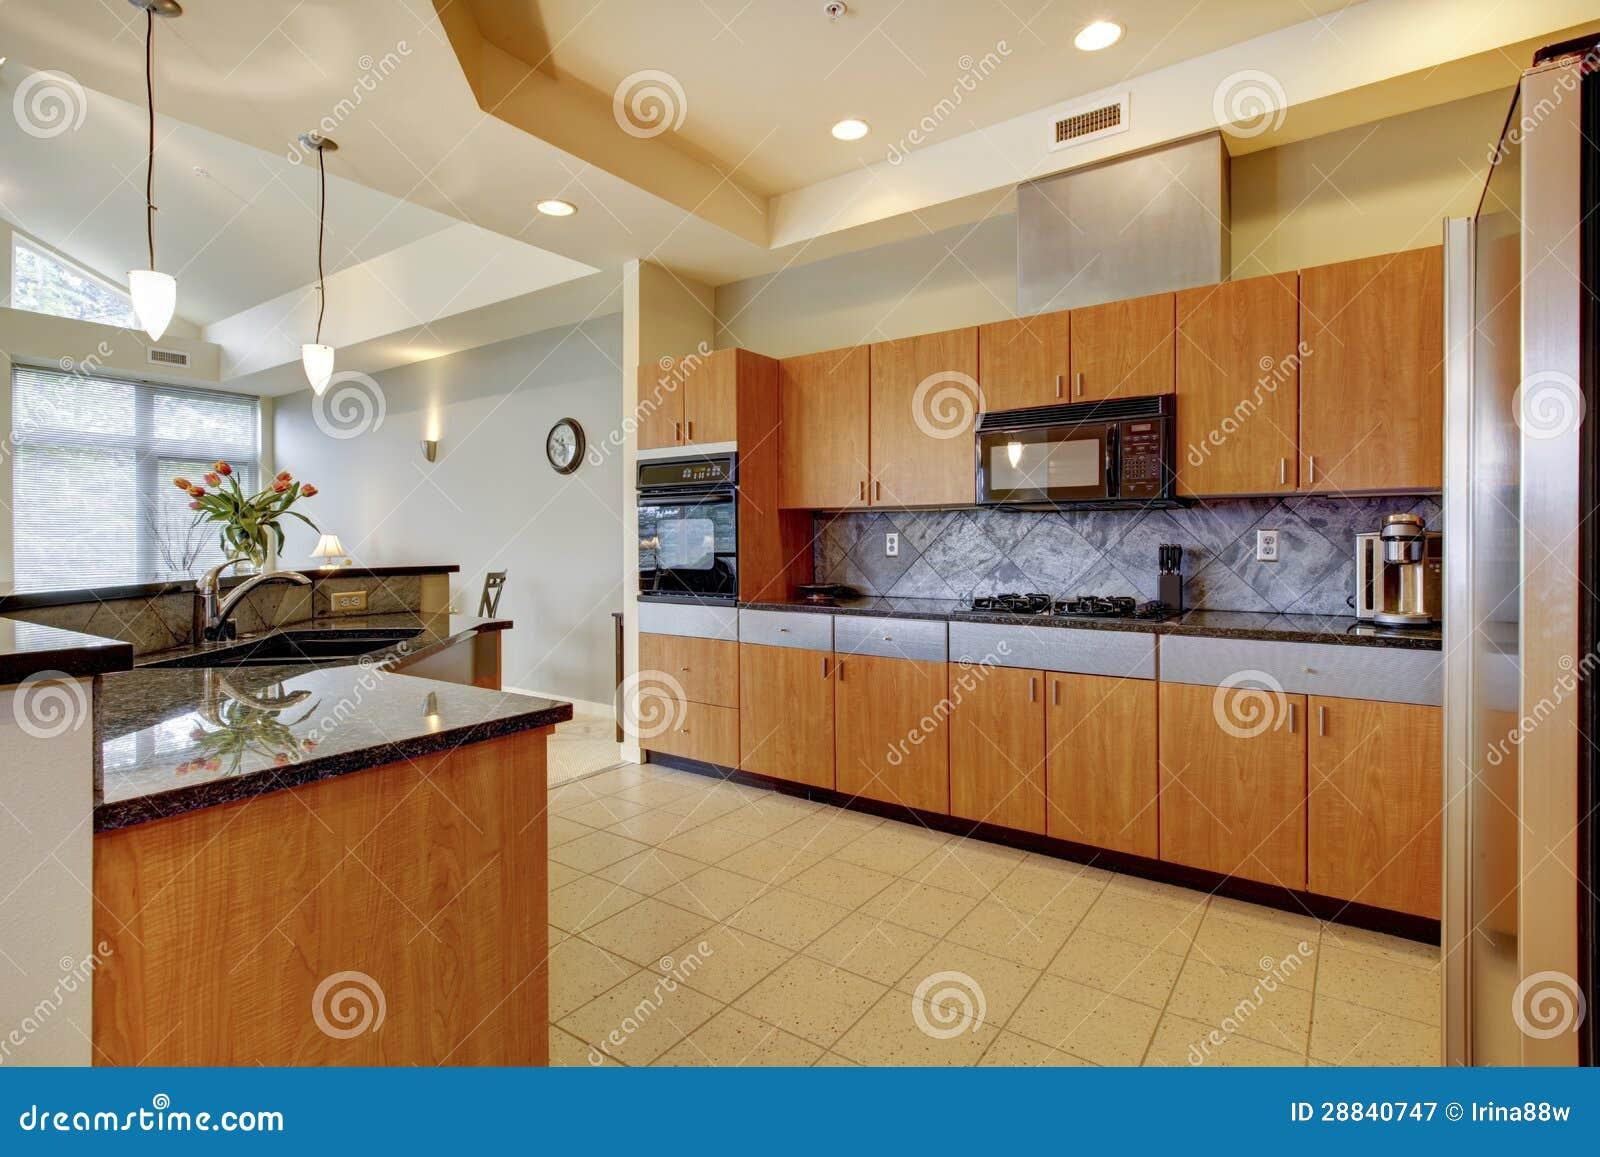 Cucina Soffitti Alti : Cucina soffitti alti i consigli dell esperto come scegliere i